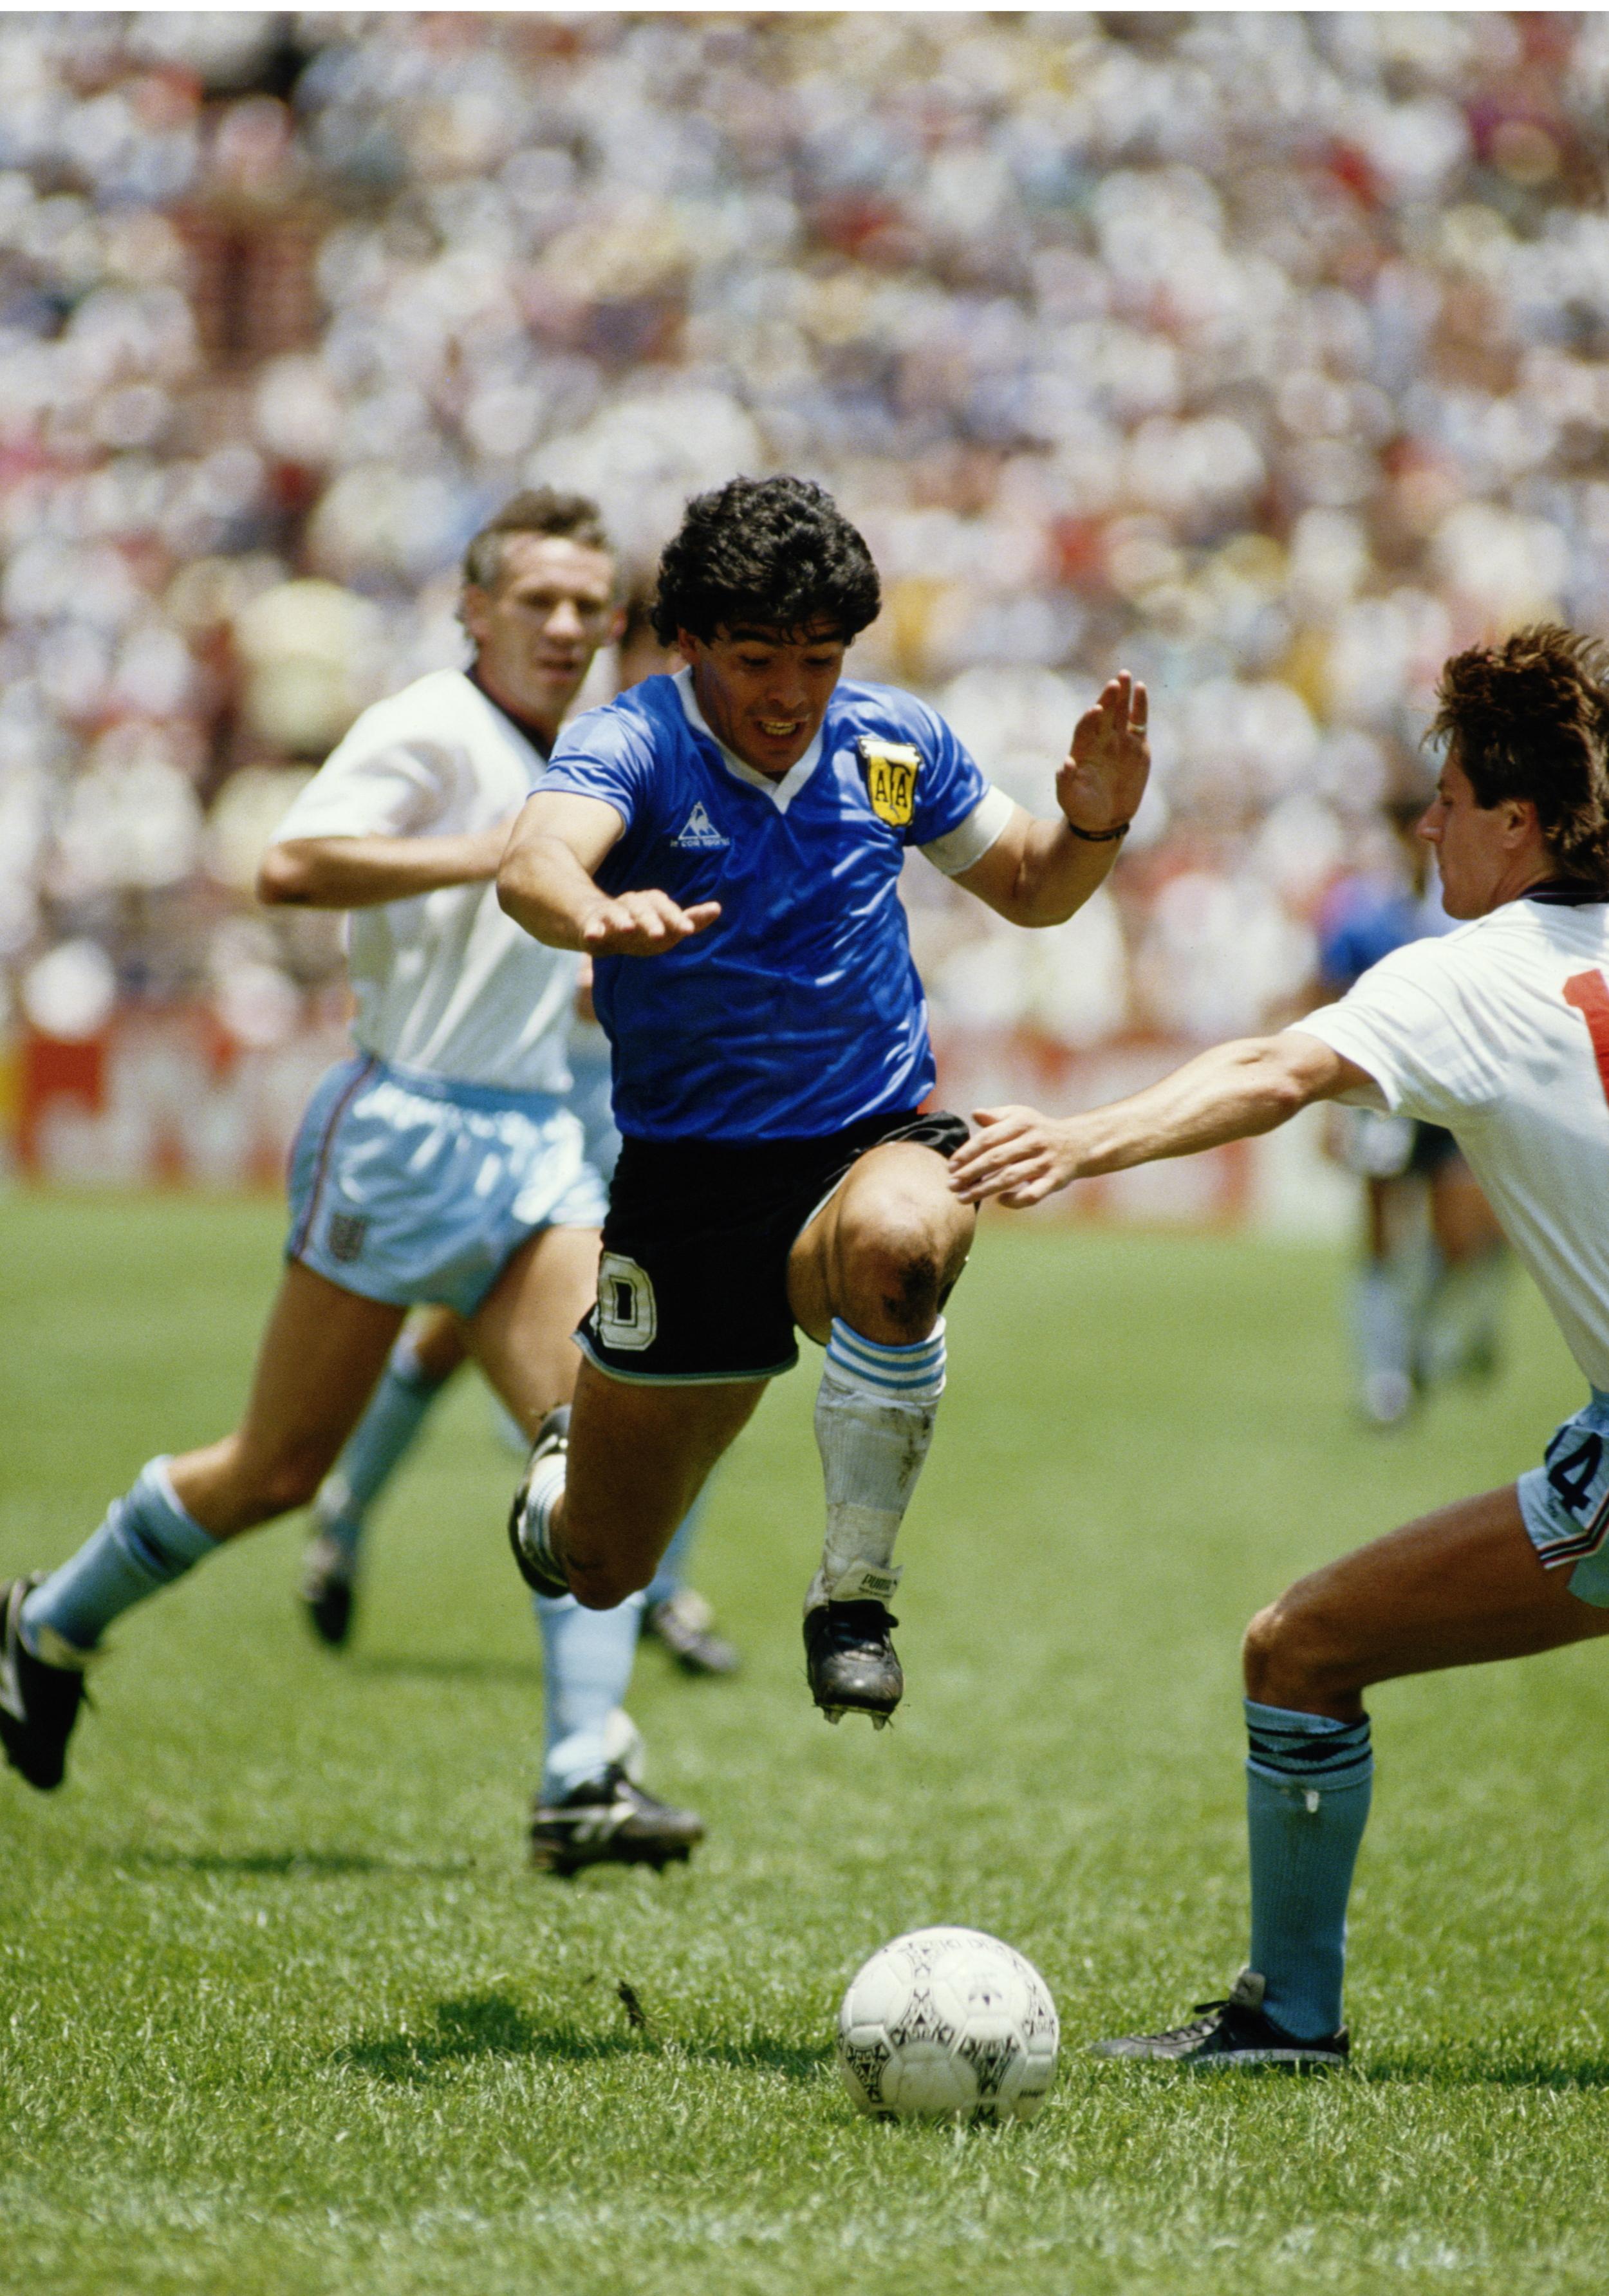 22. juni 1986 - Diego Maradona er i færd med at skabe fodboldhistoriens smukkeste mål. Foto: Mike King/Getty Images